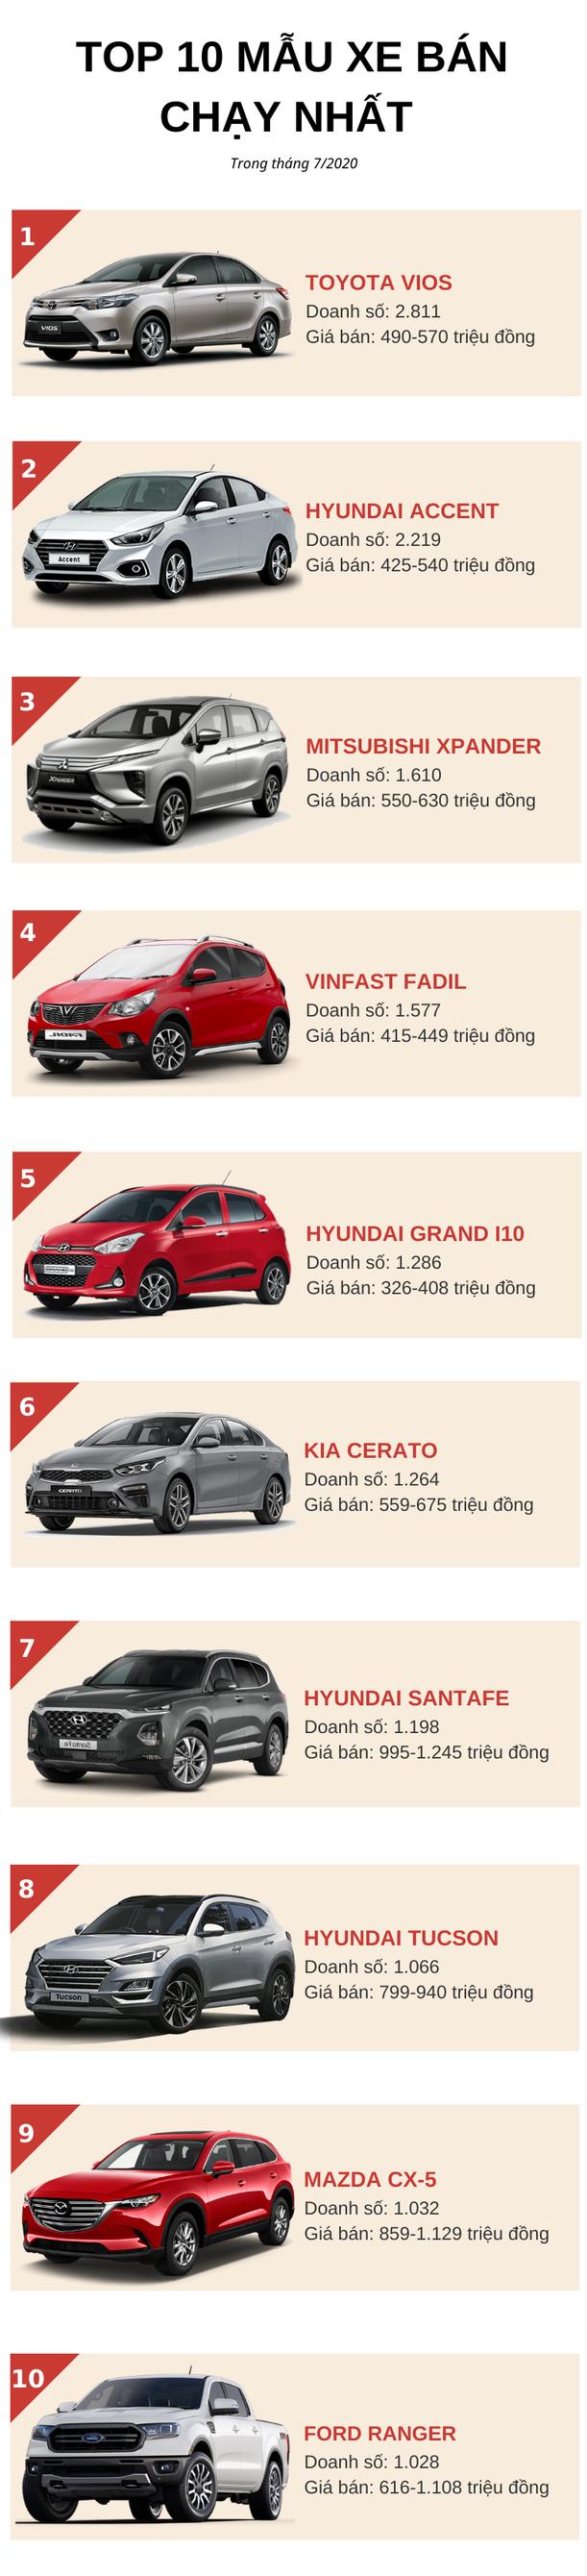 Top 10 ô tô bán chạy nhất tháng 7/2020: Honda City biến mất khỏi bảng xếp hạng, VinFast Fadil giữ vững phong độ  - Ảnh 1.